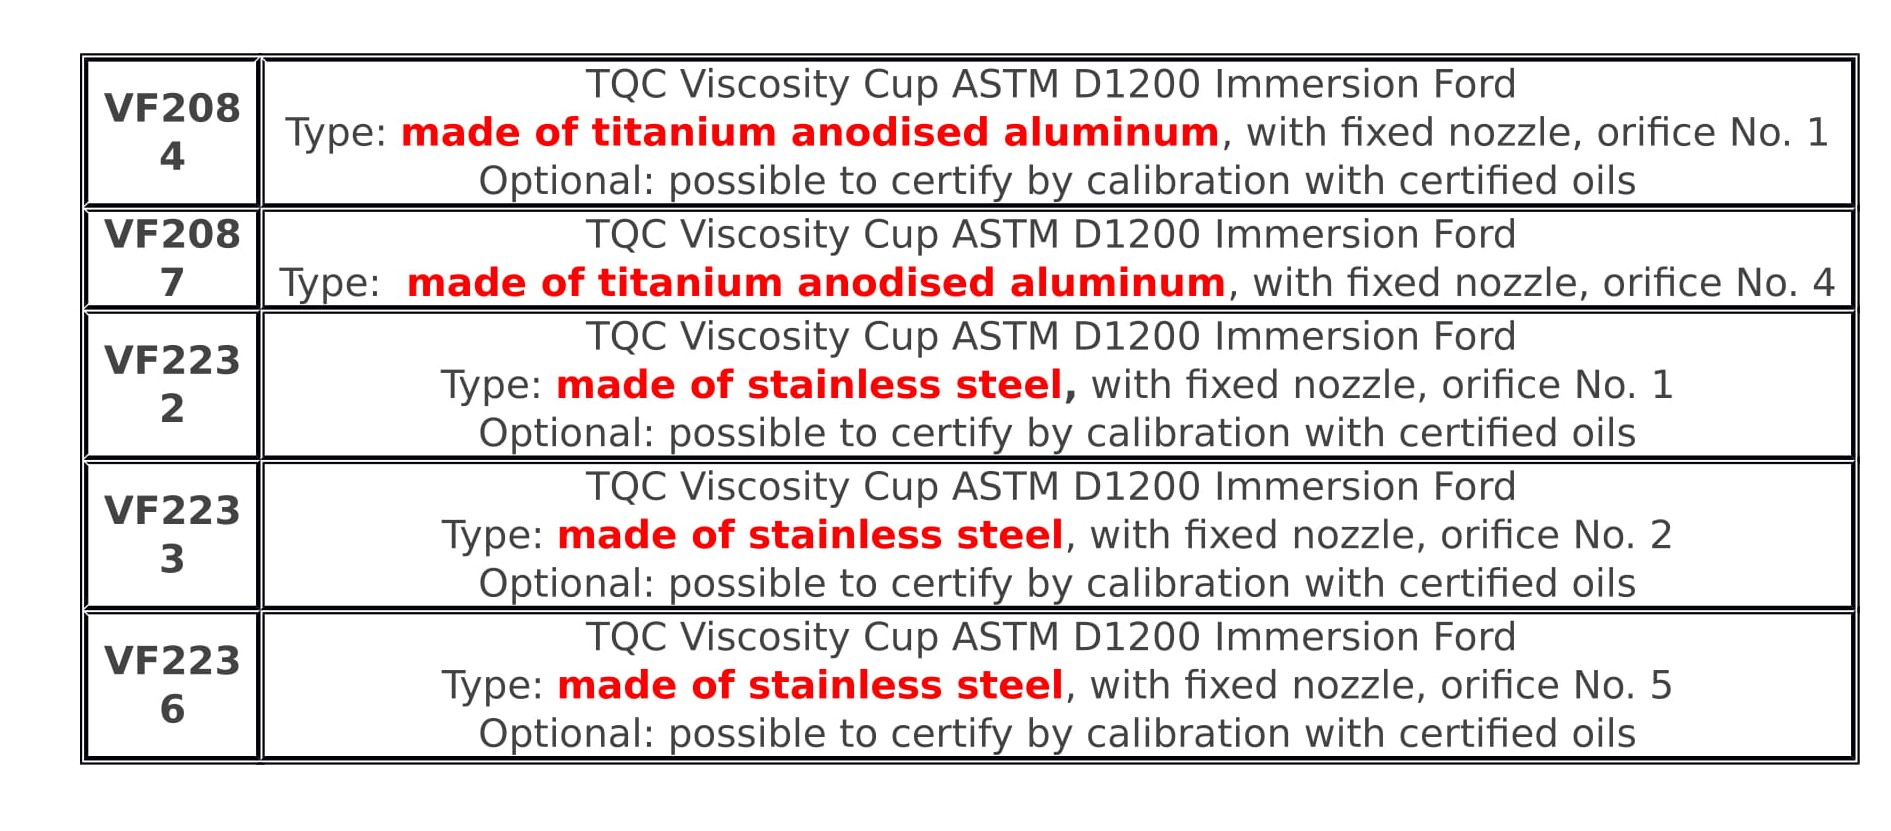 Cốc đo độ nhớt ASTM D1200 Ford - đặt hàng loại có tay cầm.png